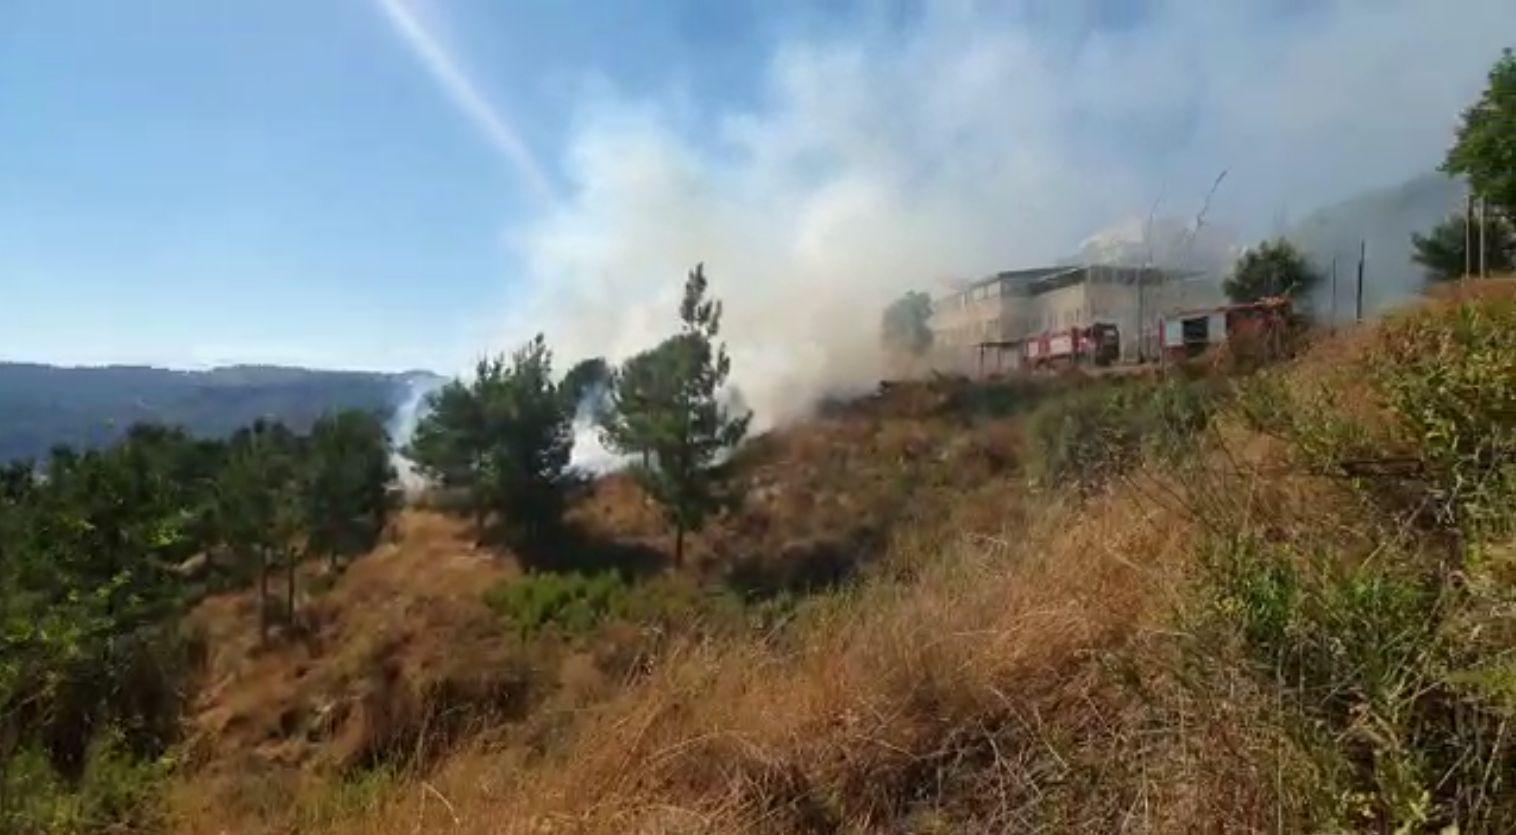 בסיוע מטוסי כיבוי, לוחמי האש השתלטו על שריפה שהשתוללה בסמוך לבתים בירושלים (צפו)